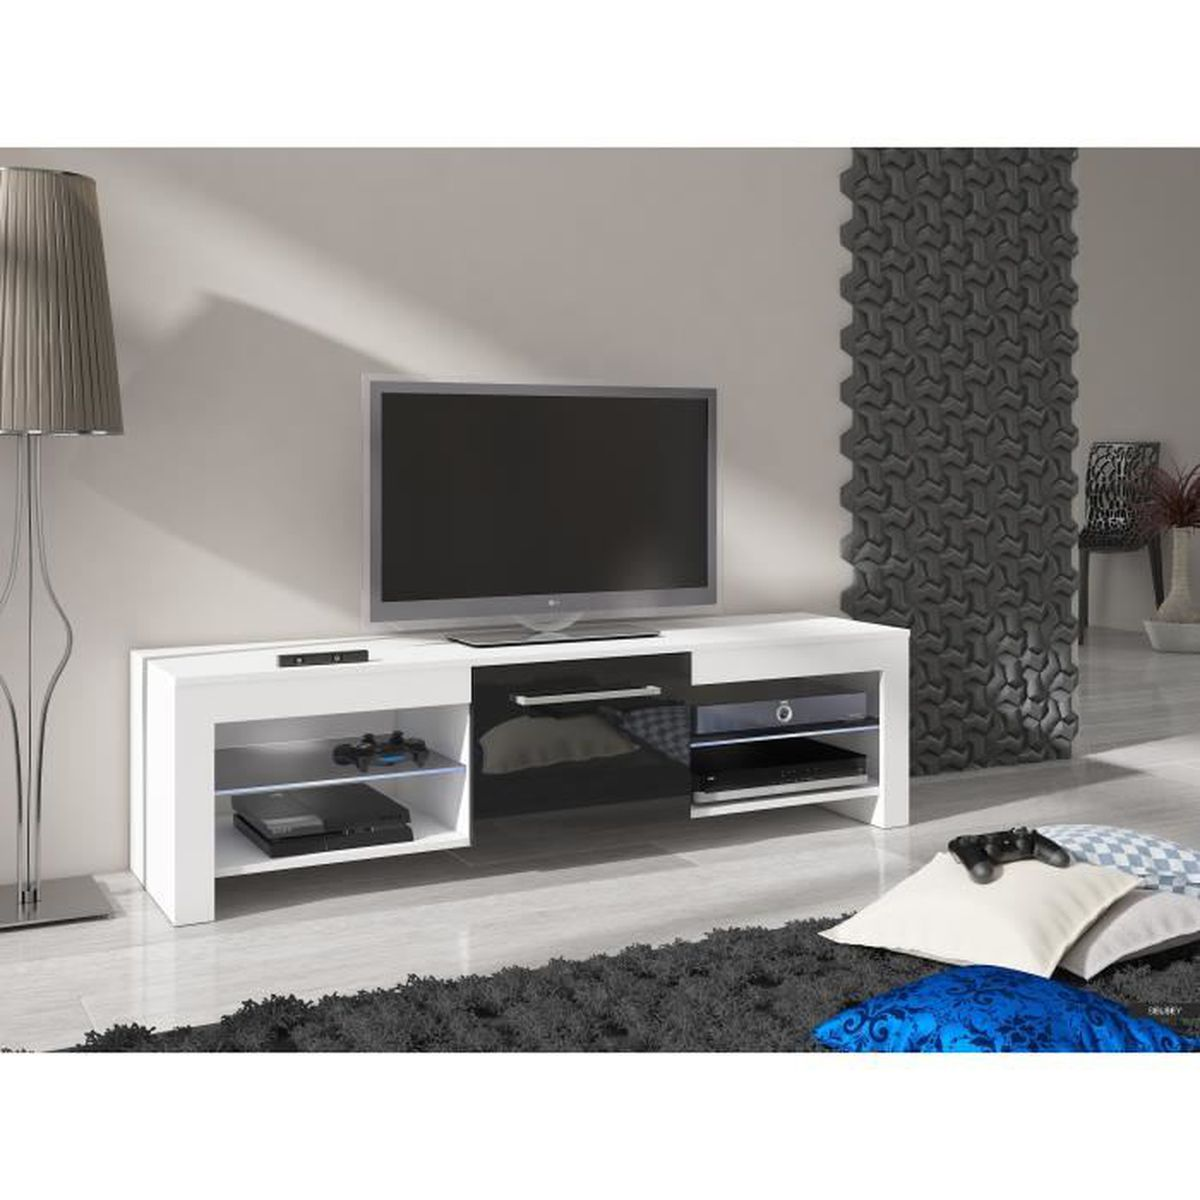 meuble tv remo blanc mat noir brillant sans led achat vente meuble tv meuble tv remo blanc. Black Bedroom Furniture Sets. Home Design Ideas